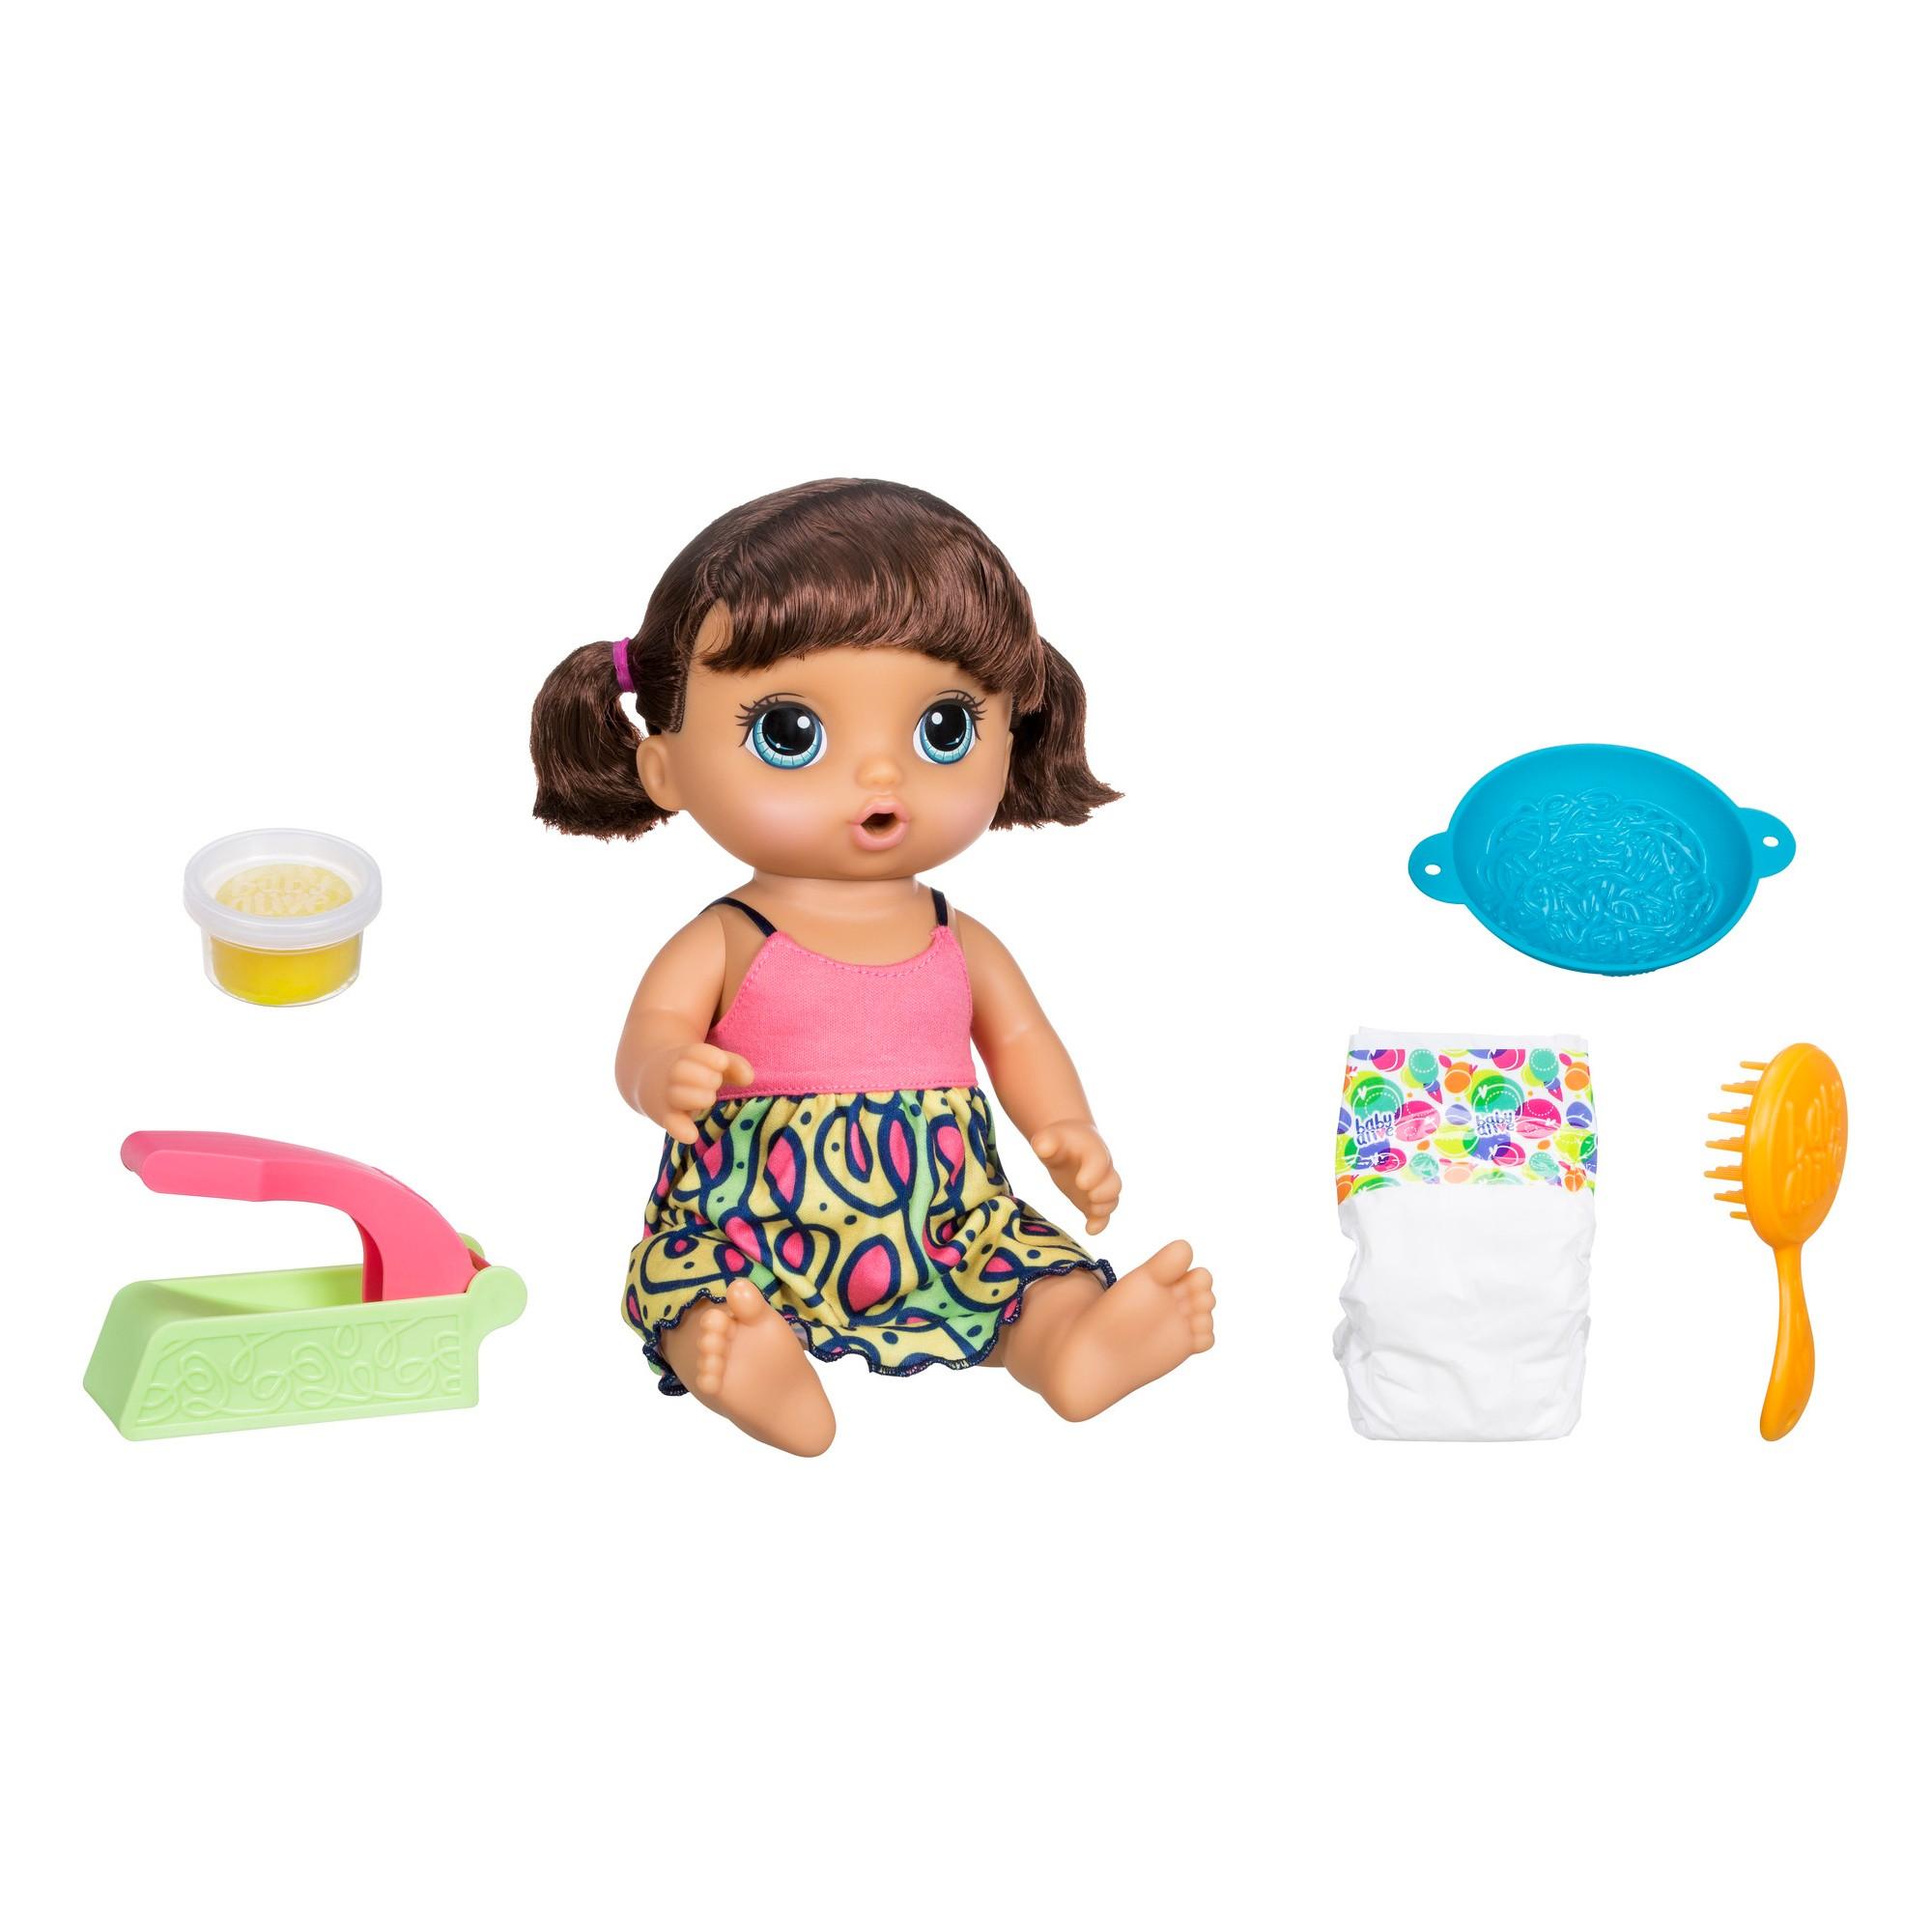 Baby Alive Super Snacks Snackin Noodles Brunette Baby Alive Dolls Baby Doll Accessories Baby Alive